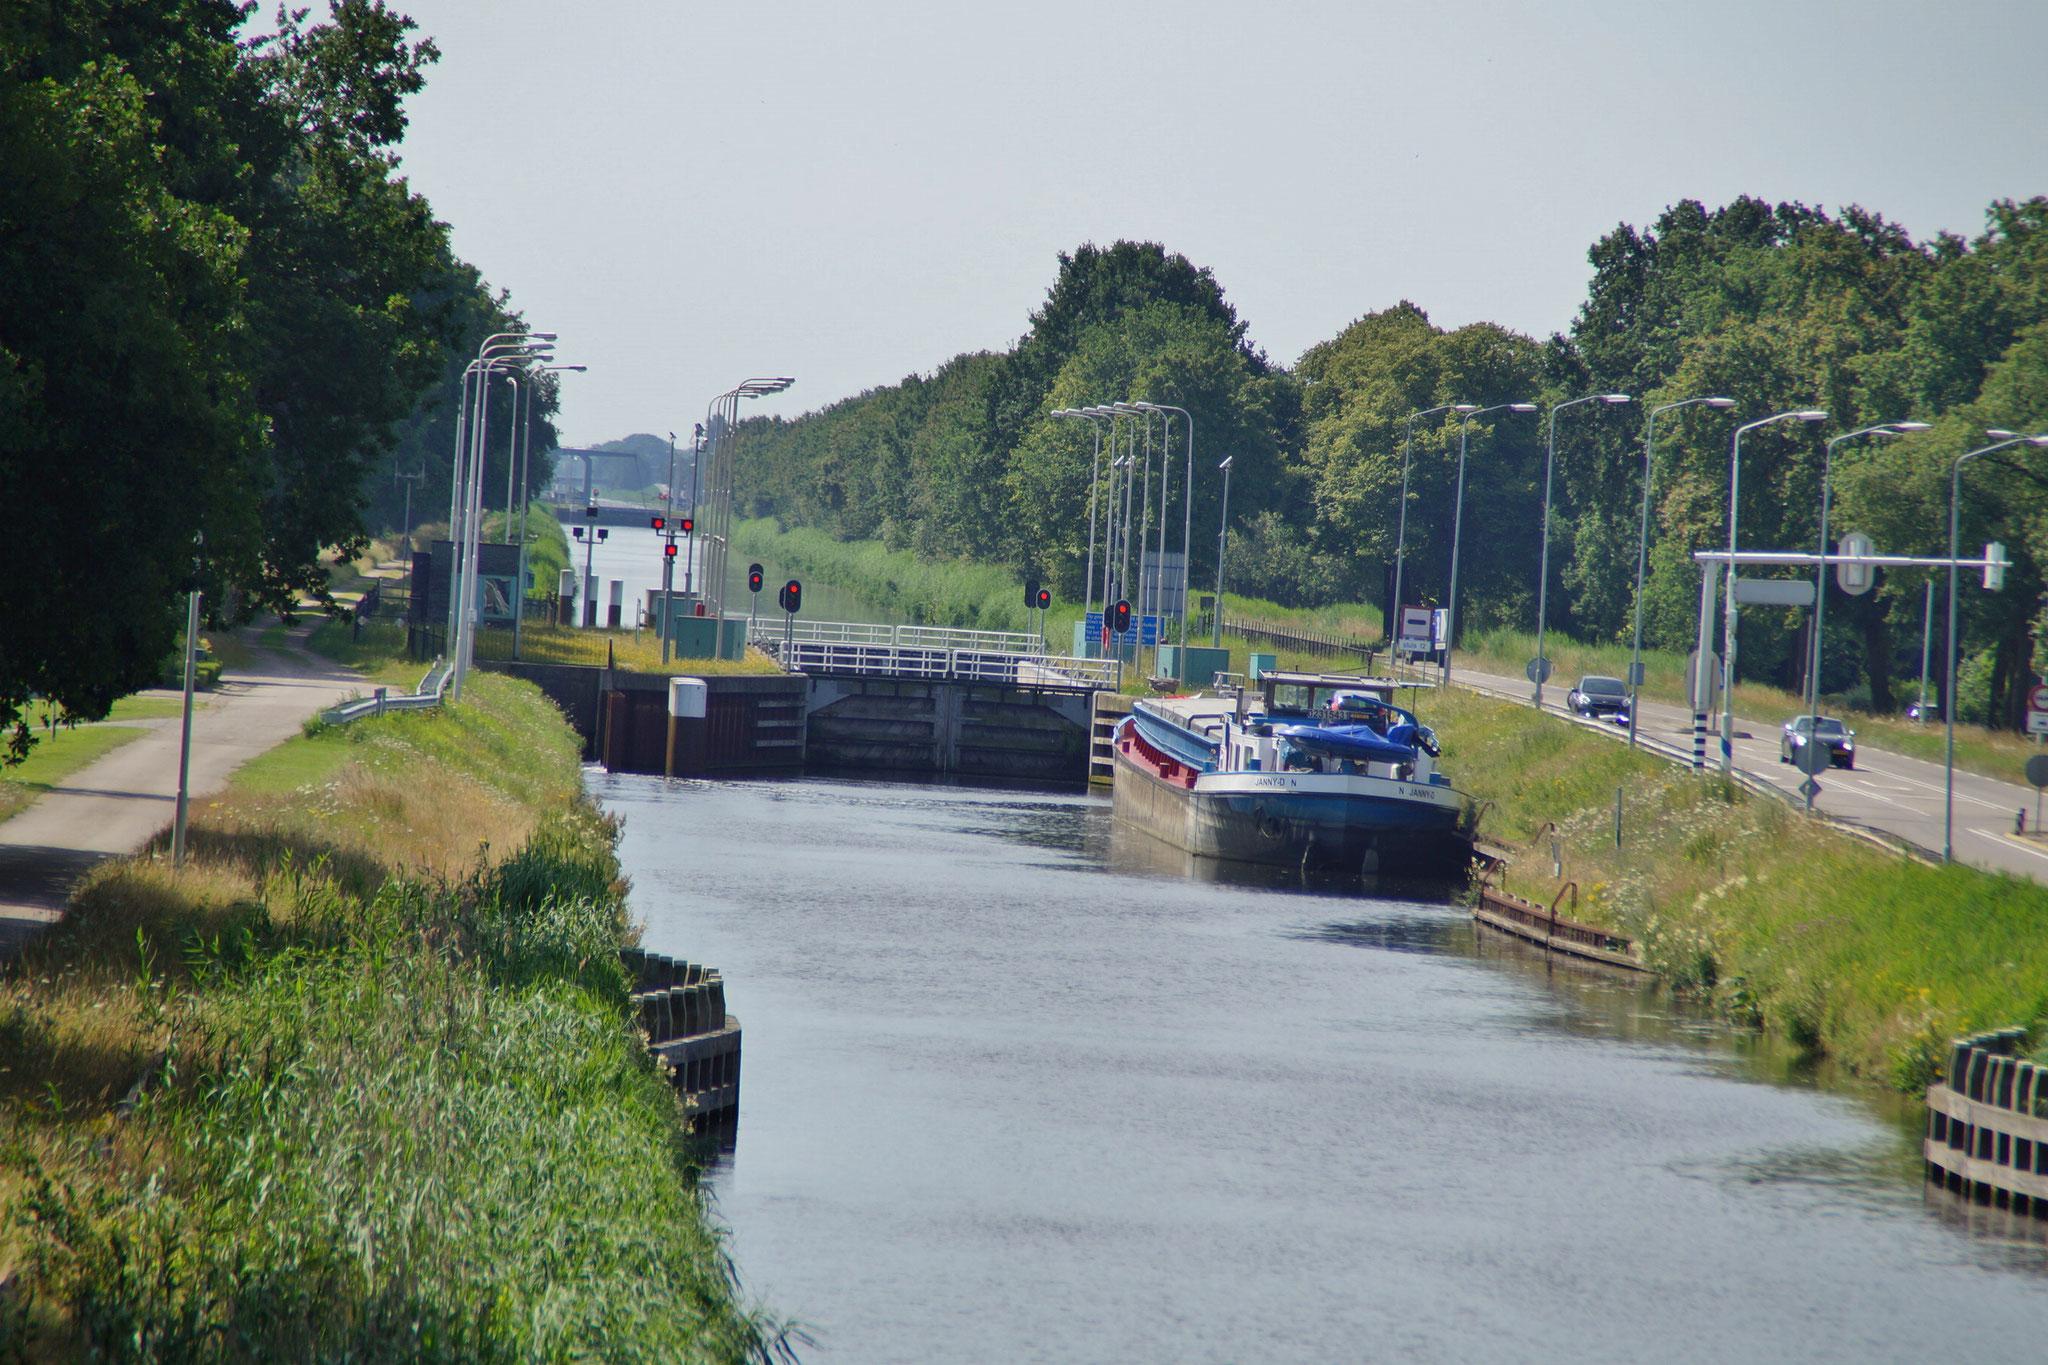 Zuid - Willemsvaart (Kanal zwischen Nederweert & Helmond)